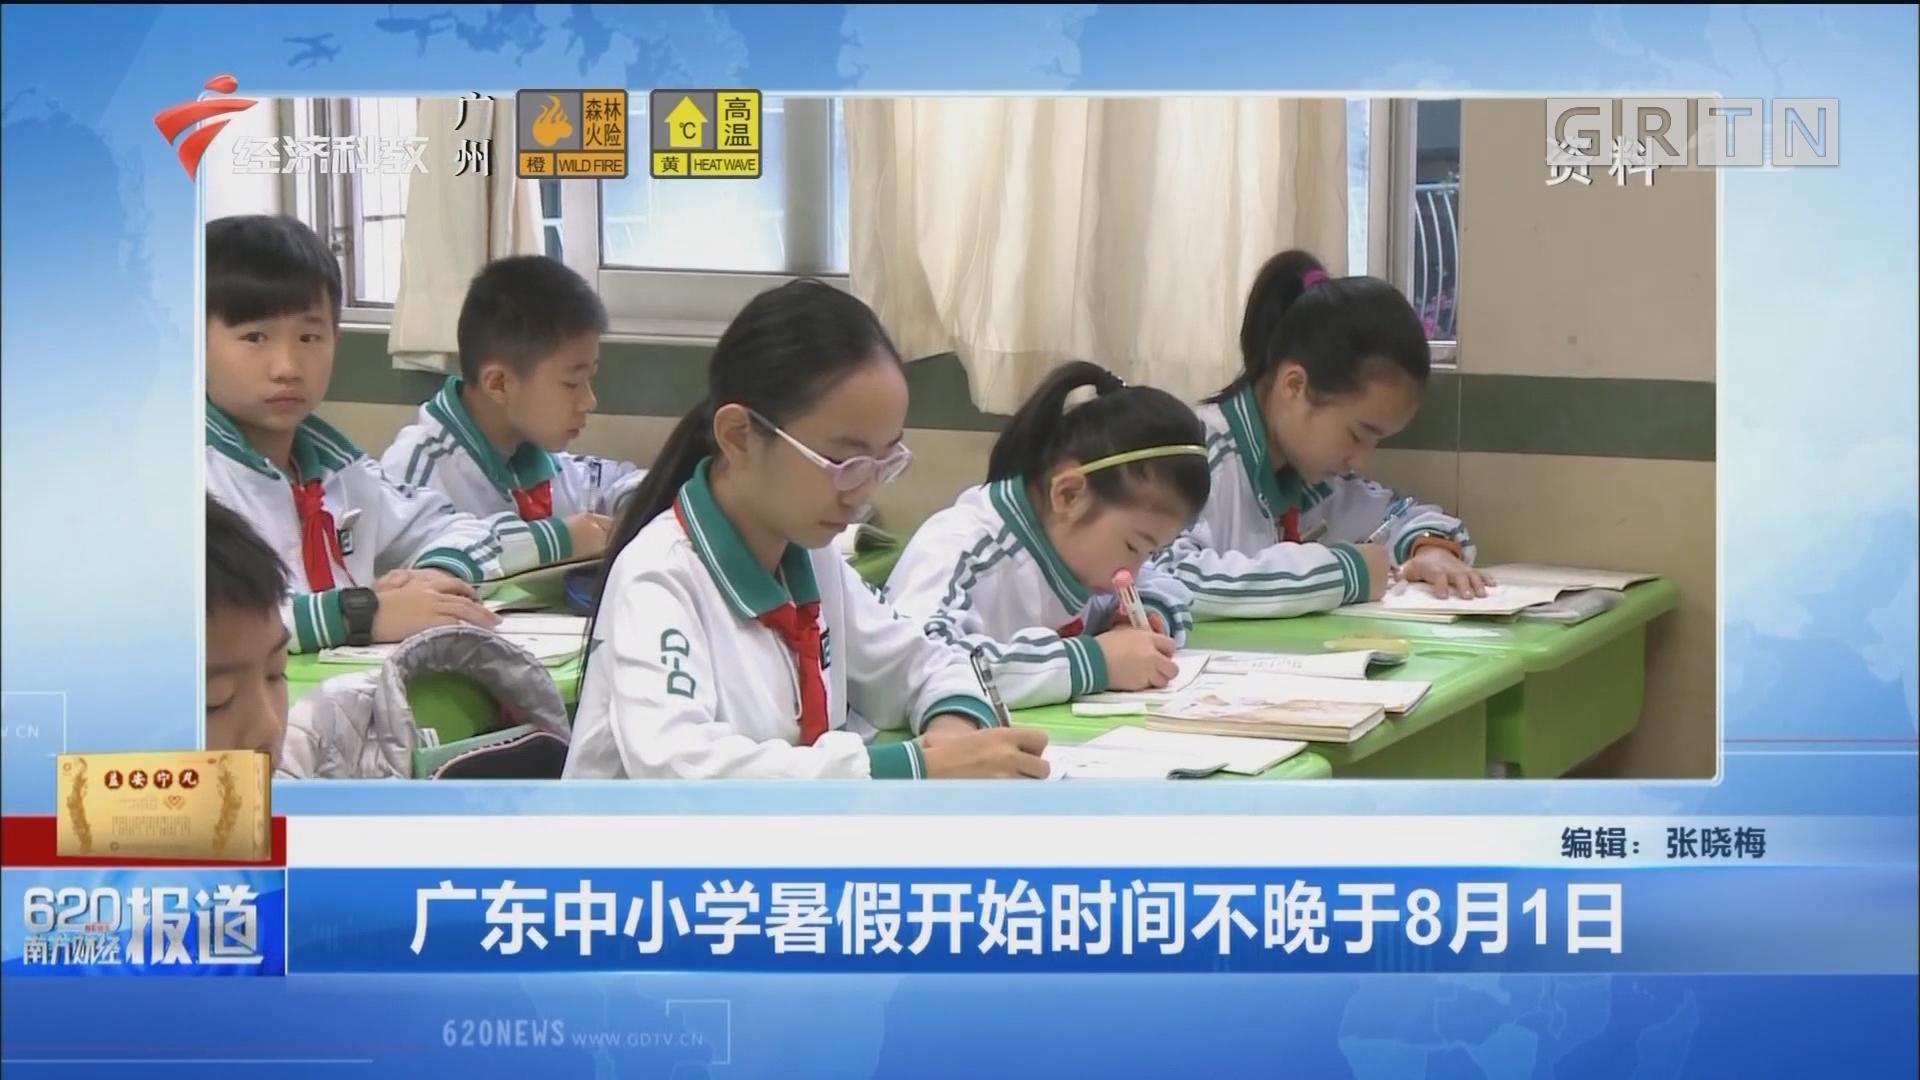 廣東中小學暑假開始時間不晚于8月1日